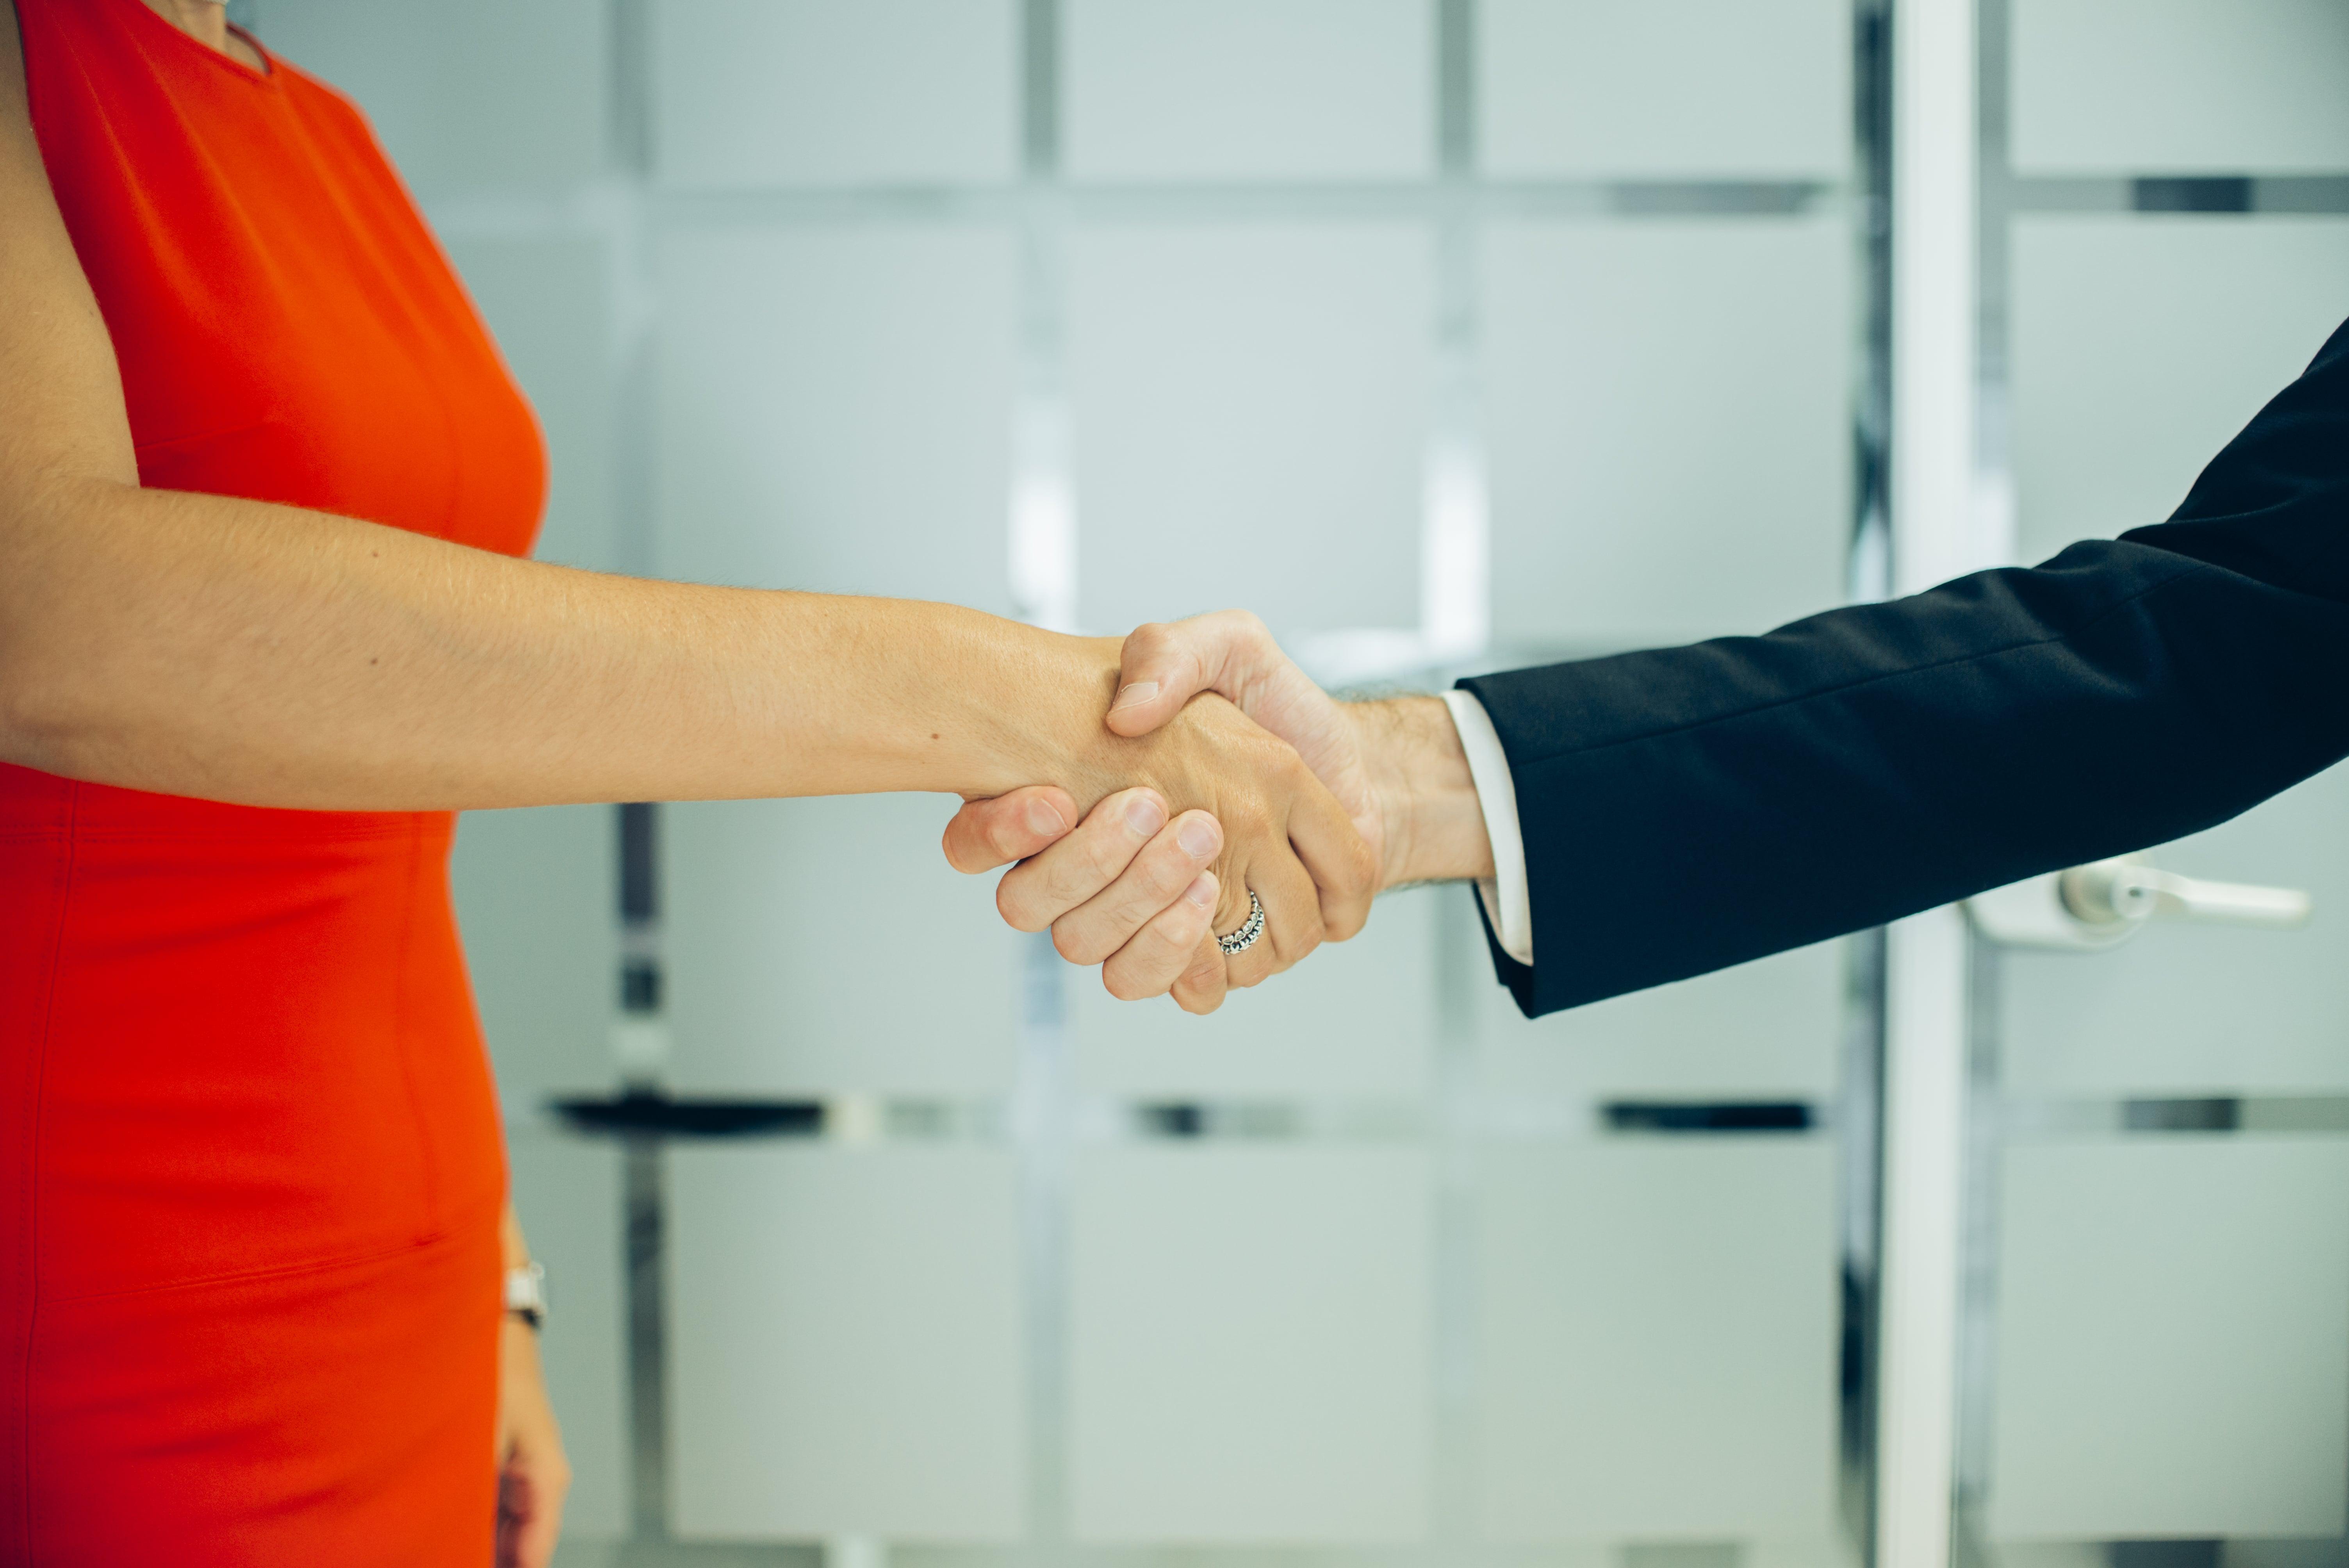 Como entrevistar um candidato: dicas para contratar a pessoa certa